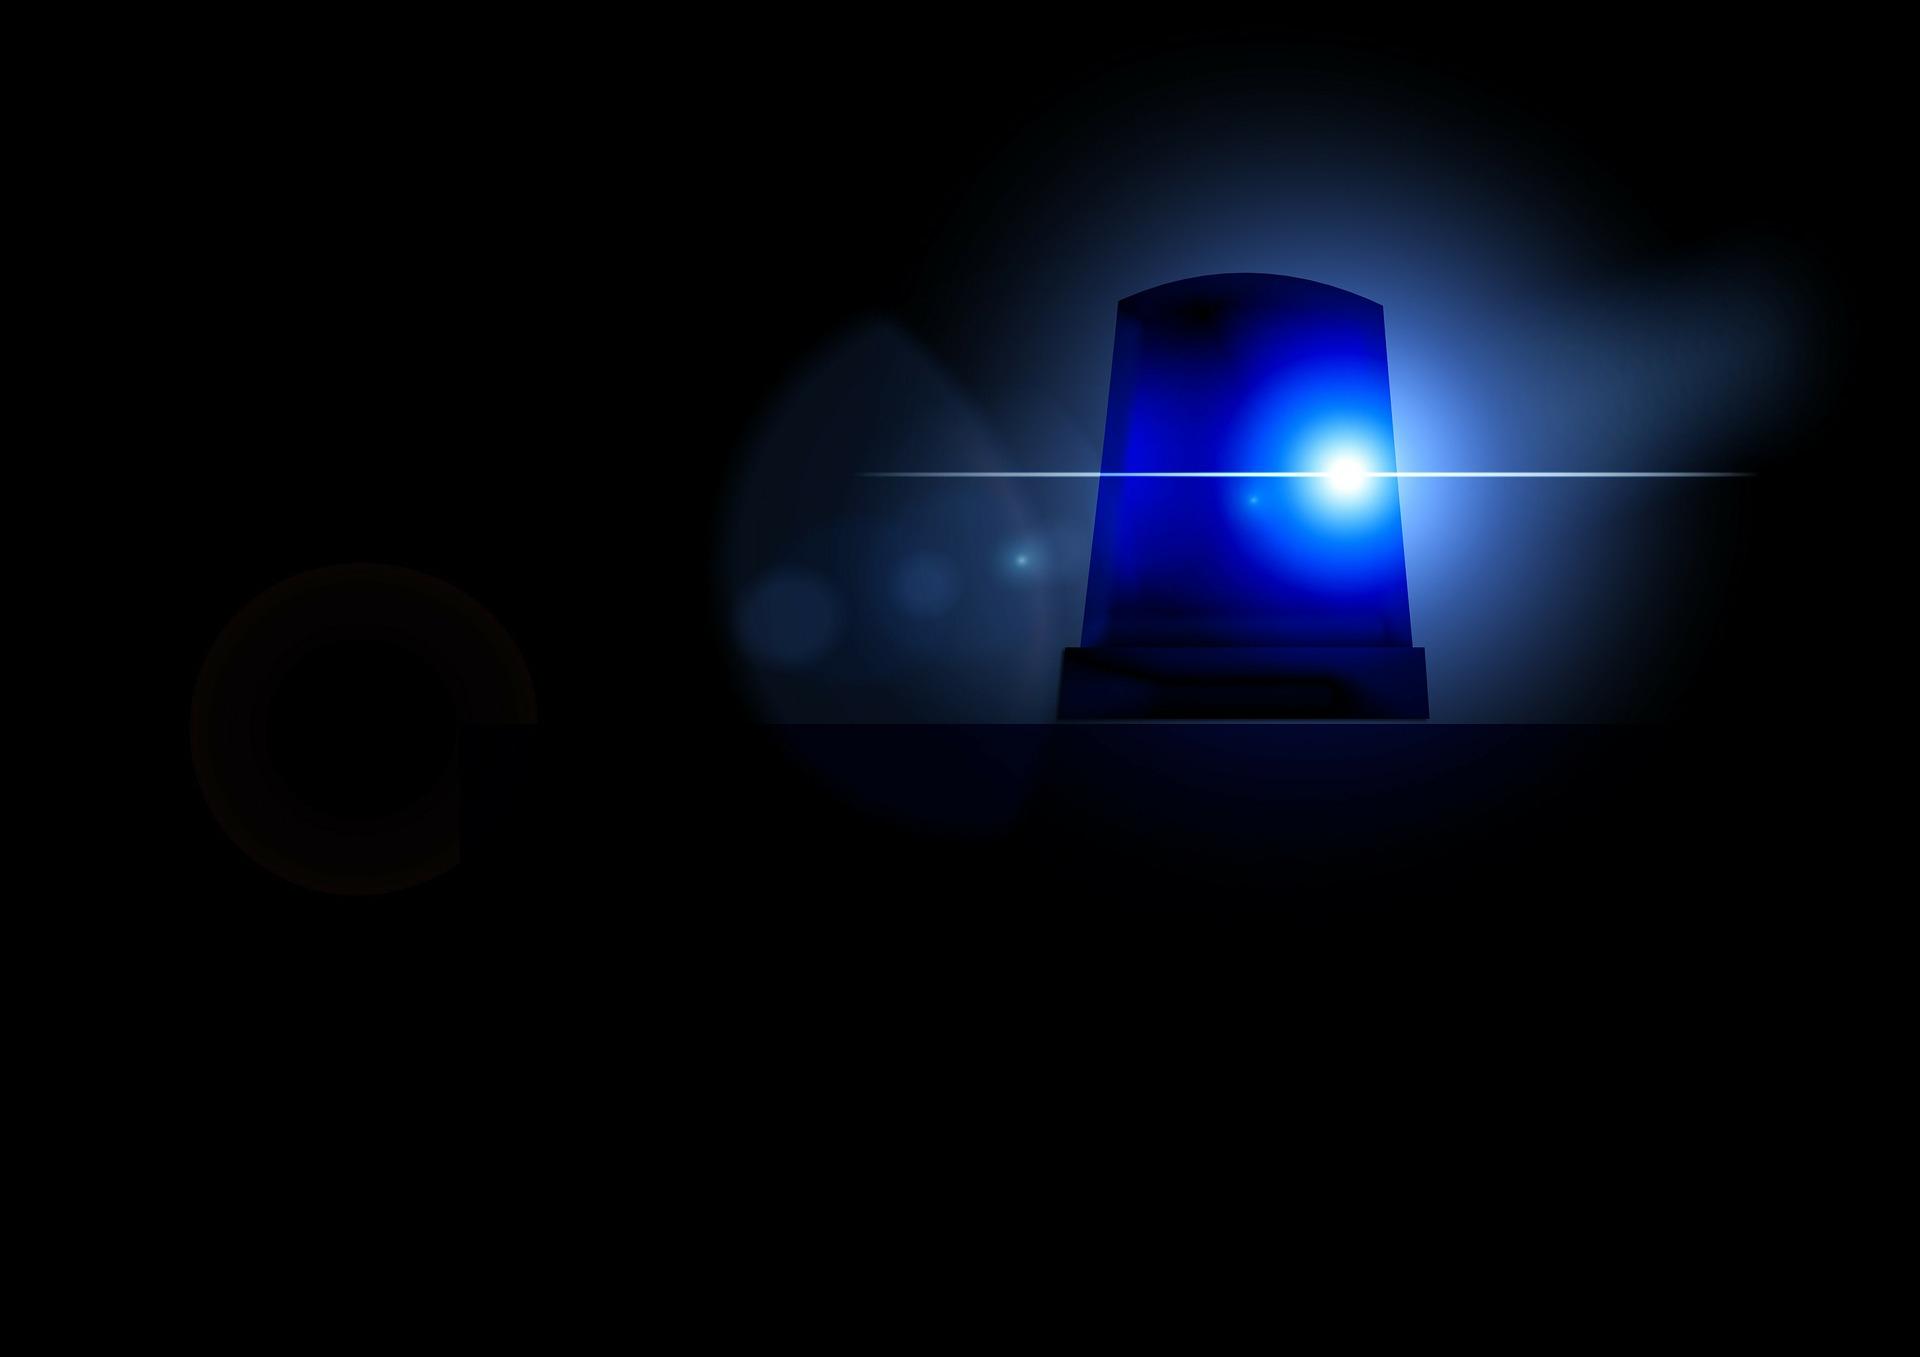 blue light of ambulance